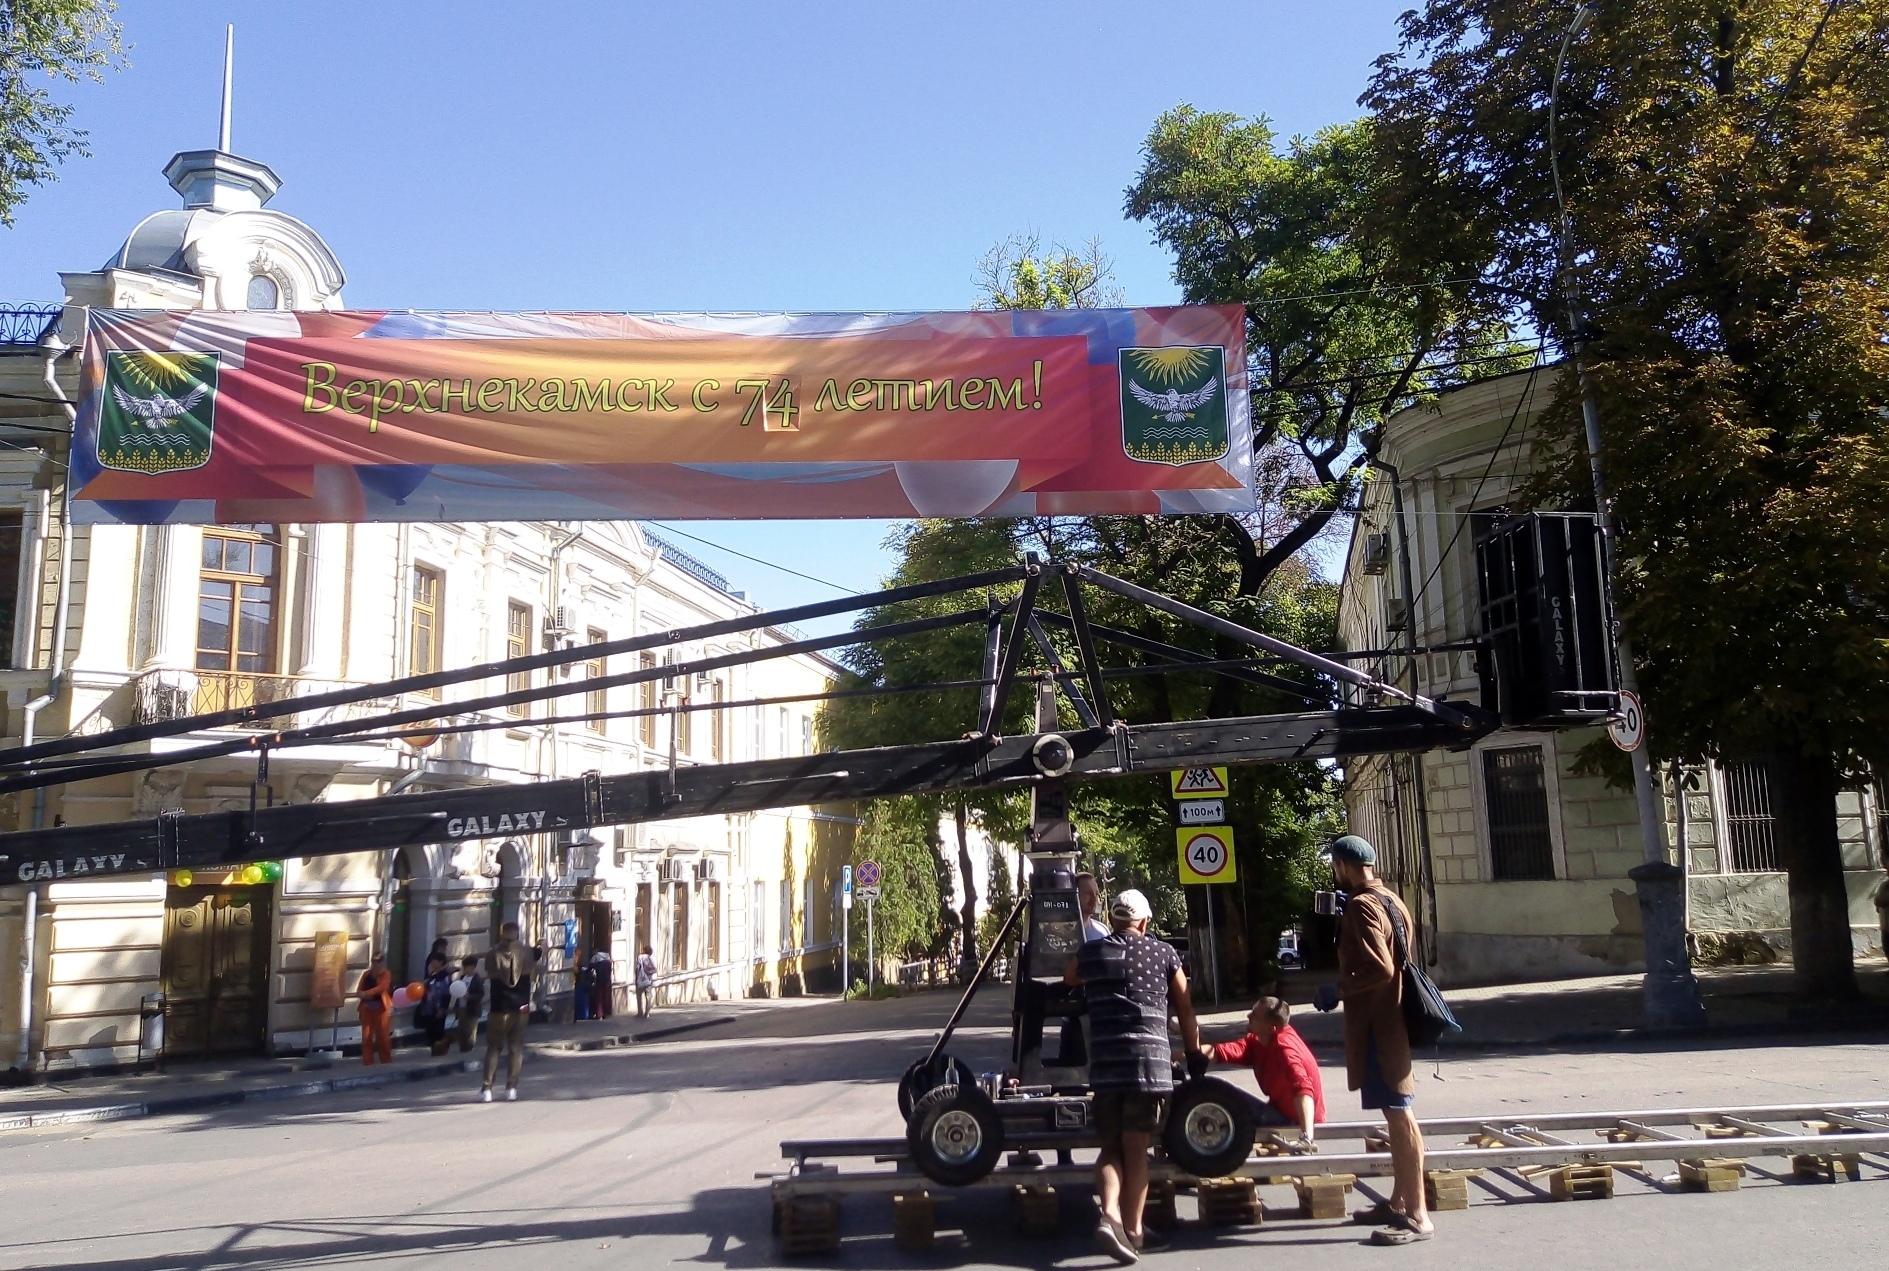 Снимается кино: Таганрог на время превратился в Верхнекамск